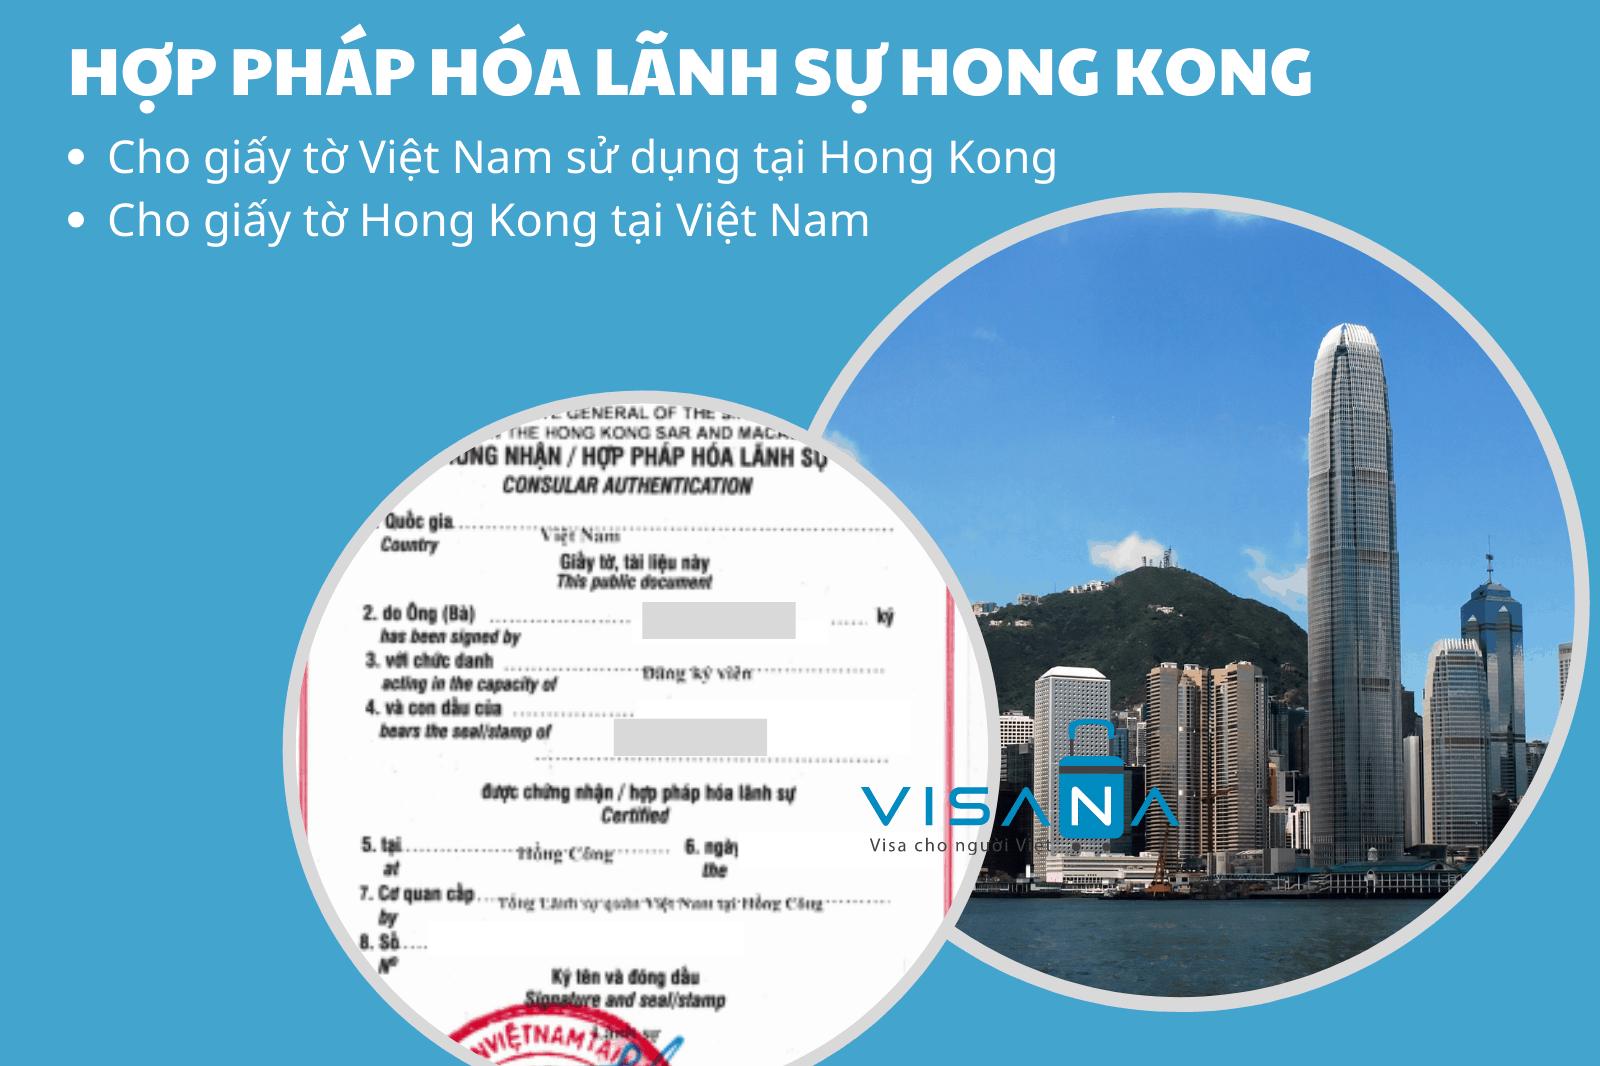 Hợp pháp hóa lãnh sự Hong Kong